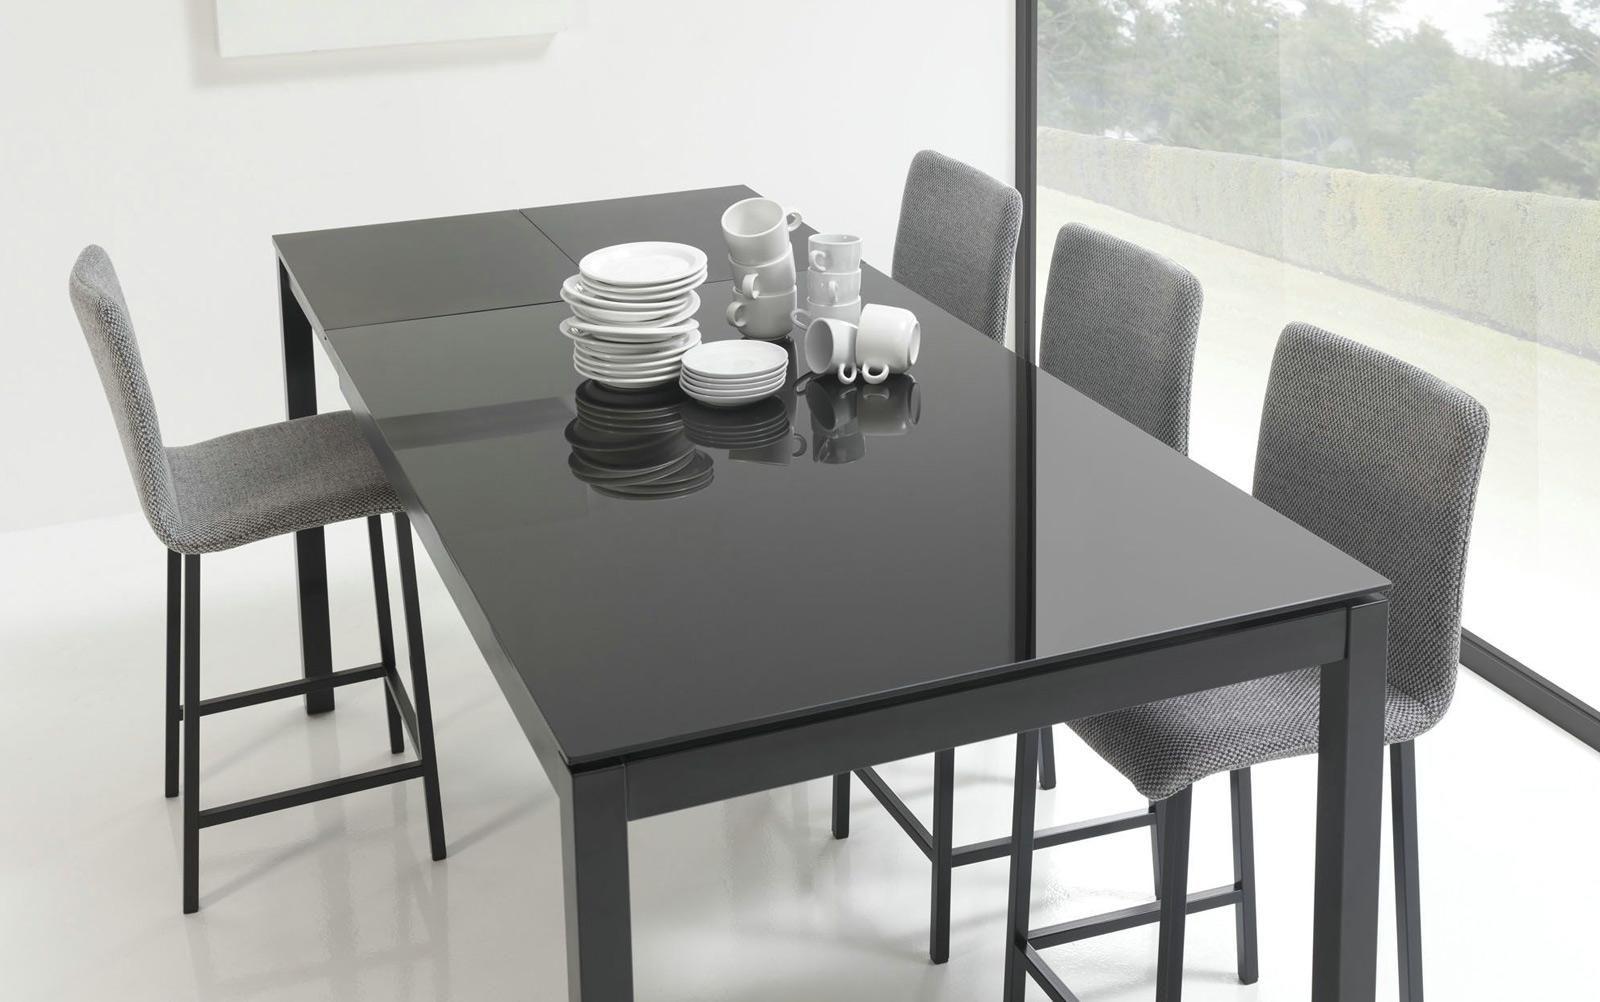 Mobliberica Tisch Velik Glas große Tischplatte ideal für